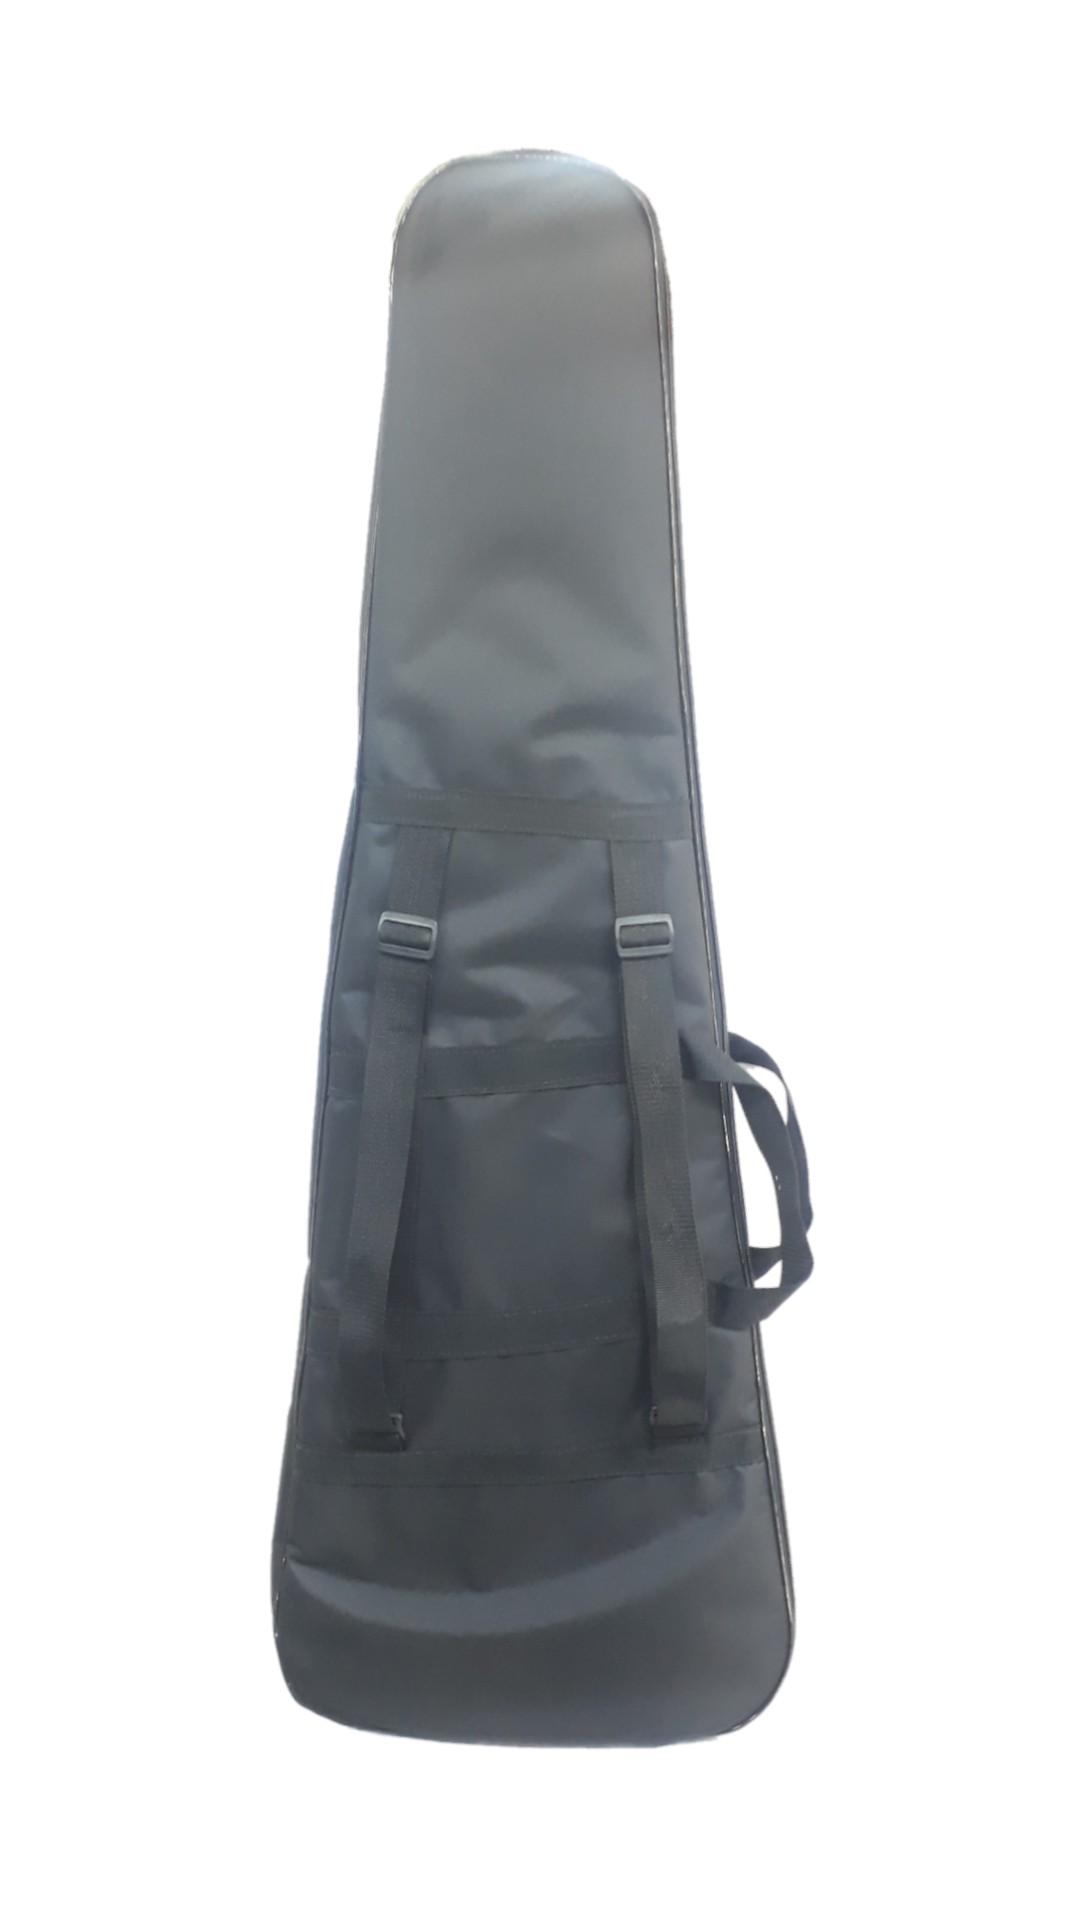 Capa Baixo Cr Bag Be Extra Luxo